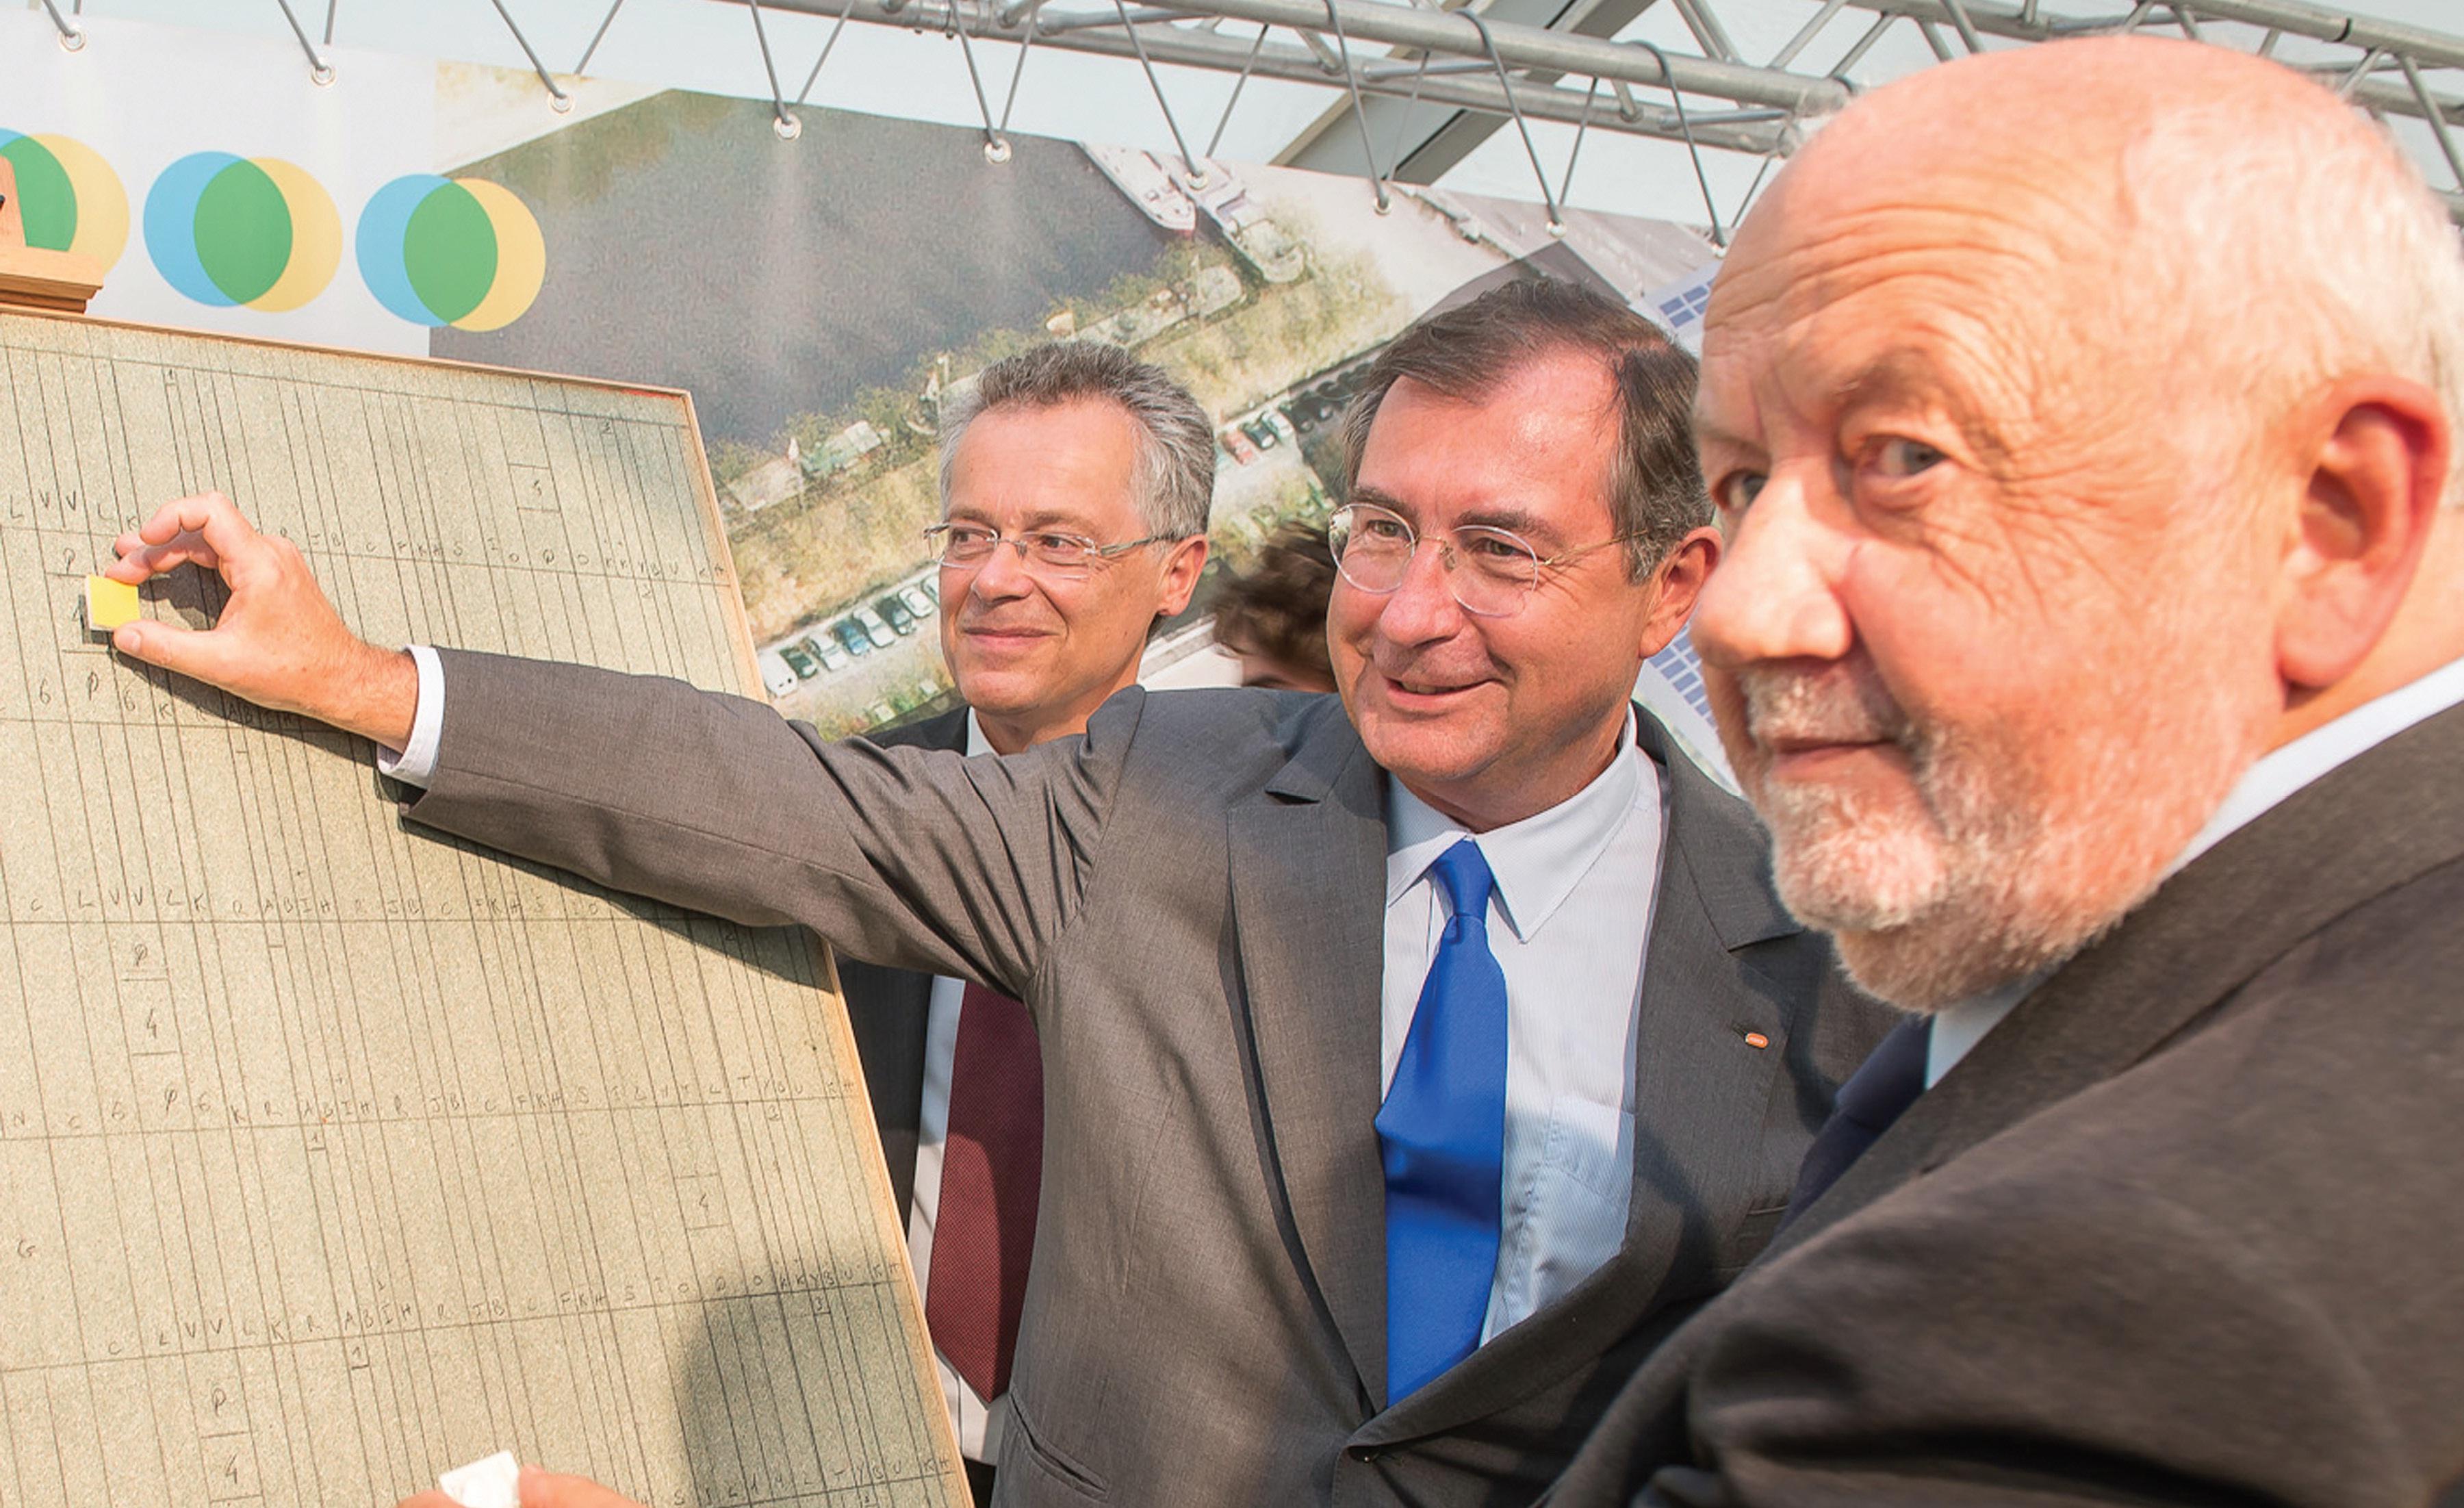 Martin Bouygues, en compagnie d'André Rossinot, a posé la première pierre du chantier de l'Ilot de l'Ile de Corse le 6 septembre dernier.